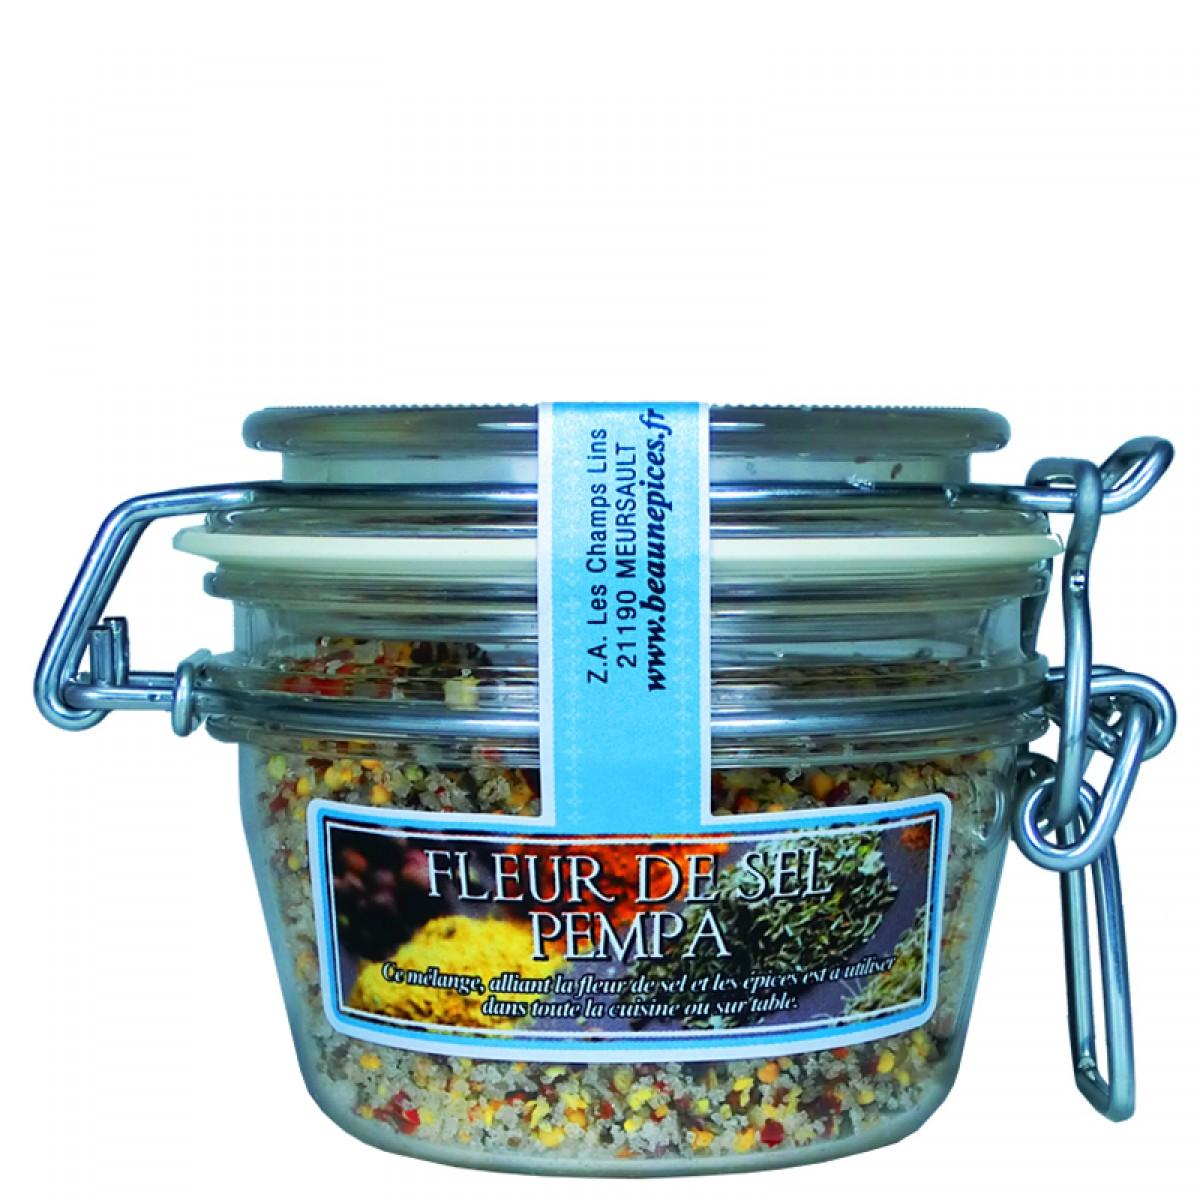 Fleur de sel aux pices pempa 100g saveurs de bourgogne vente de produits du terroir - Fleur de sel aux epices grillees ...